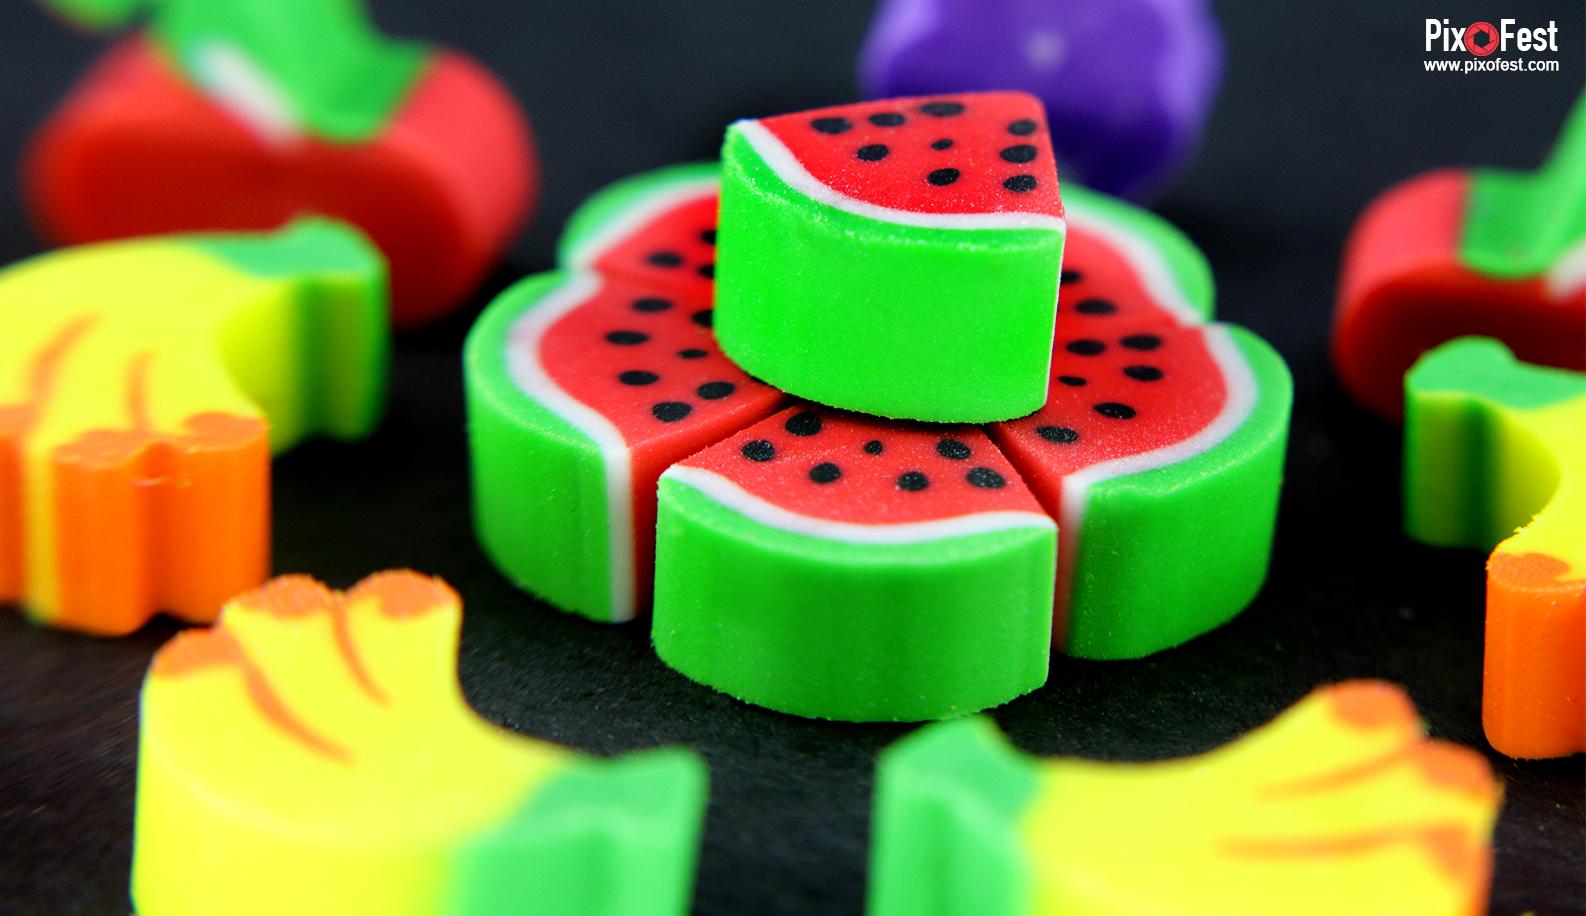 rubber,eraser,rubberbanana,rubberwatermelon,rubberindia,rubberfruit,colourfulrubber,colorrubber,pixofest